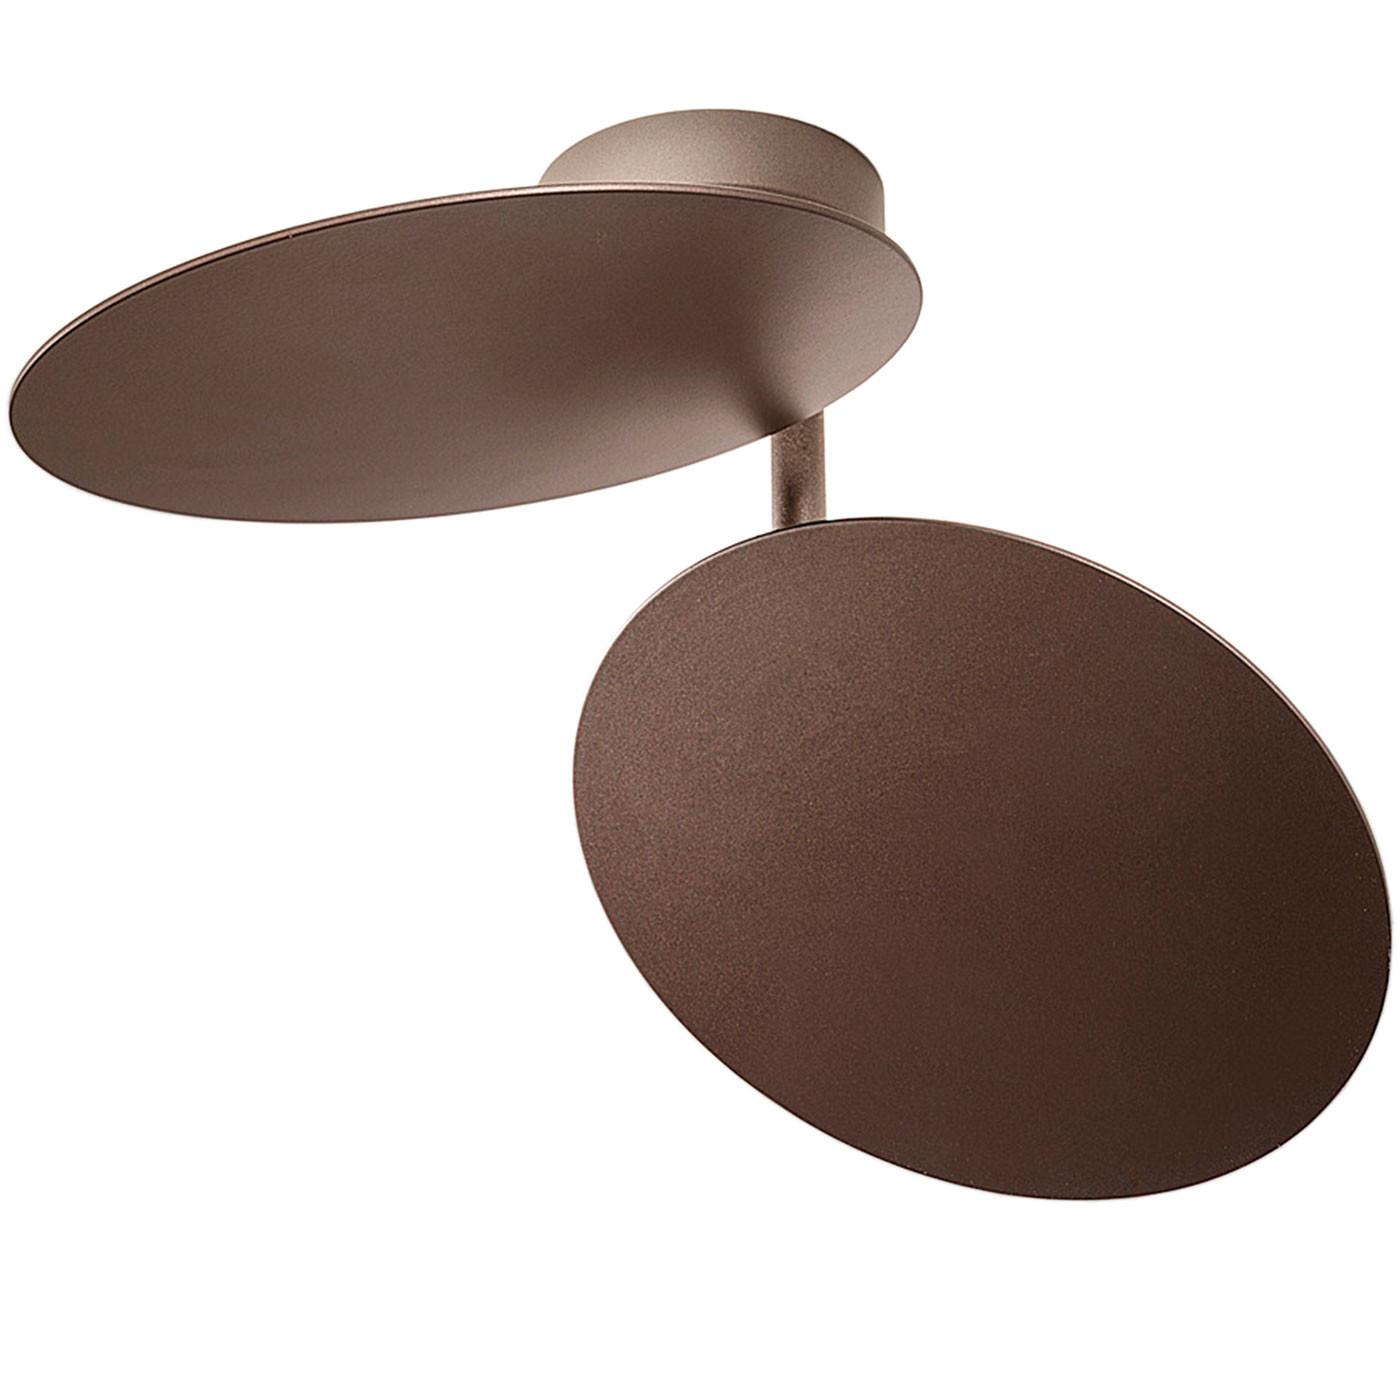 Studio Italia Design Puzzle Double Round